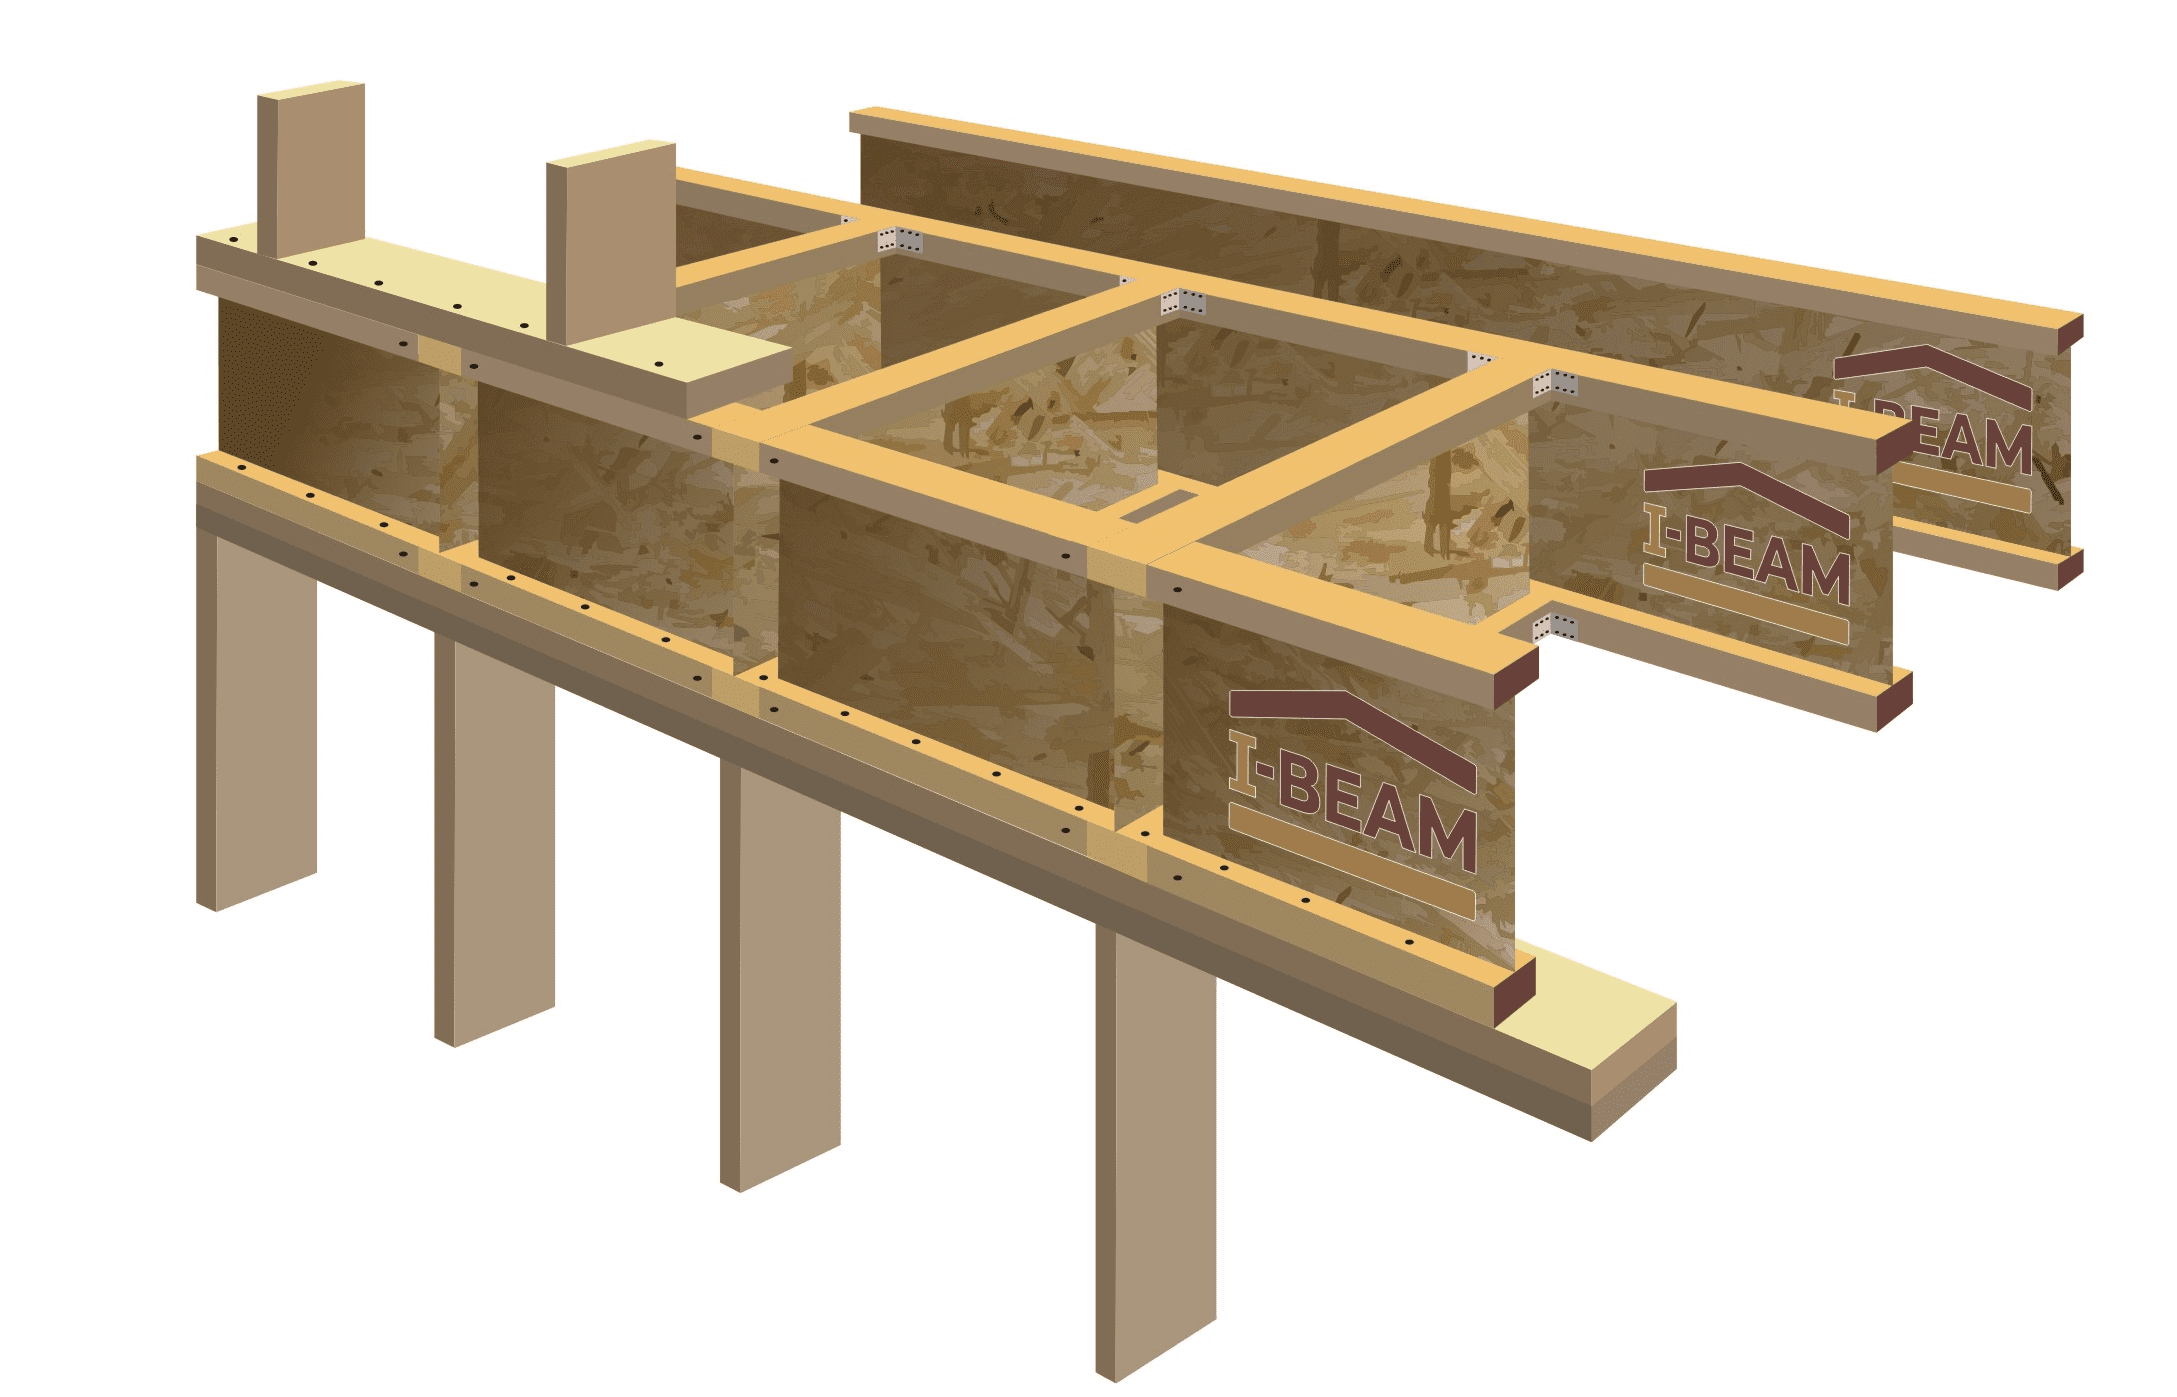 Двутавровая деревянная. как сделать деревянные двутавровые балки перекрытия своими руками — инструкция и чертежи